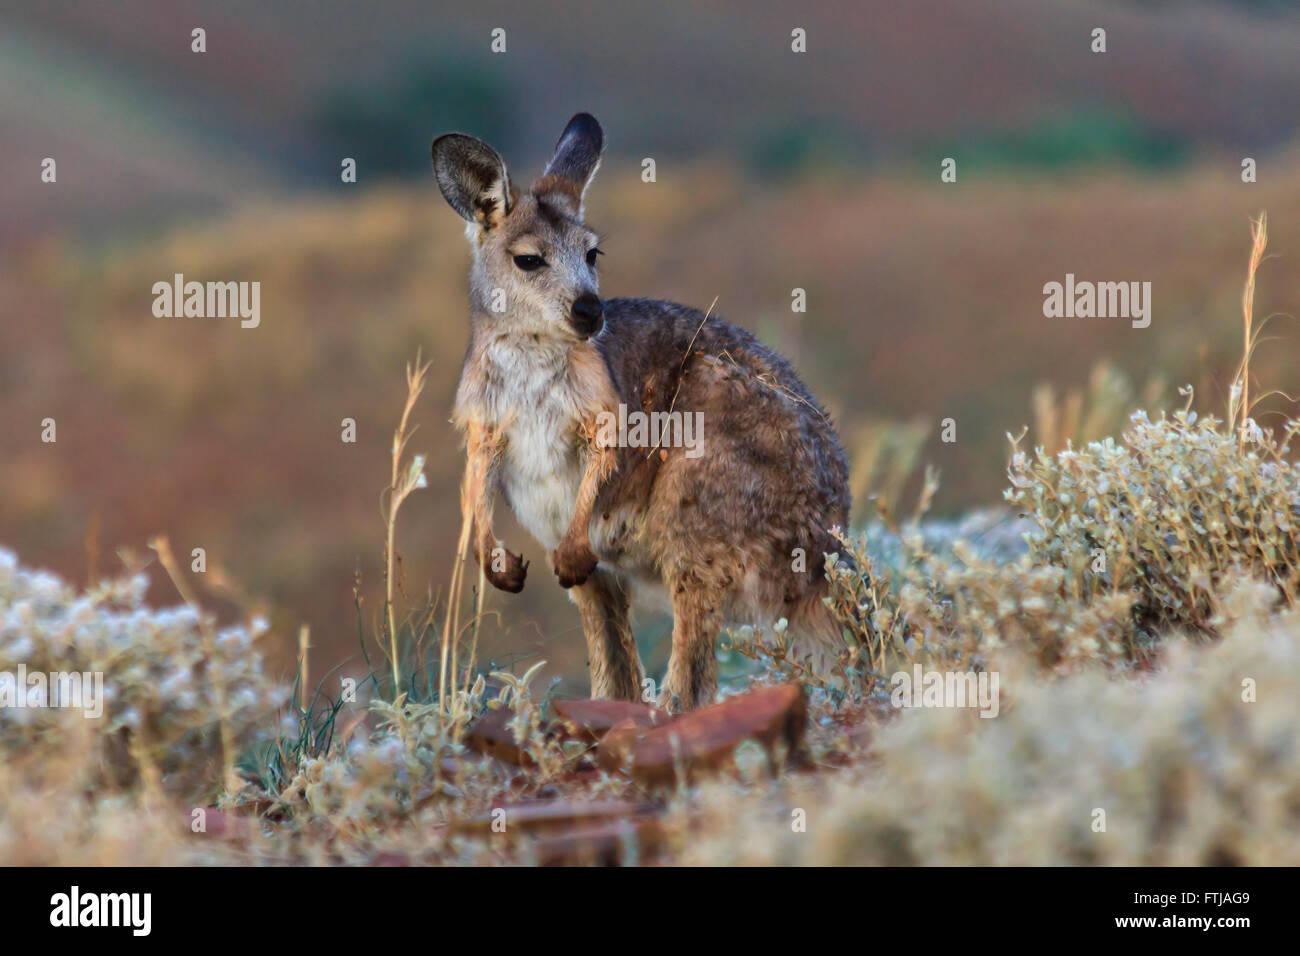 La vita selvatica animali permanente di canguro circondato da habitat naturale - erba e arbusti nel parco nazionale. Immagini Stock